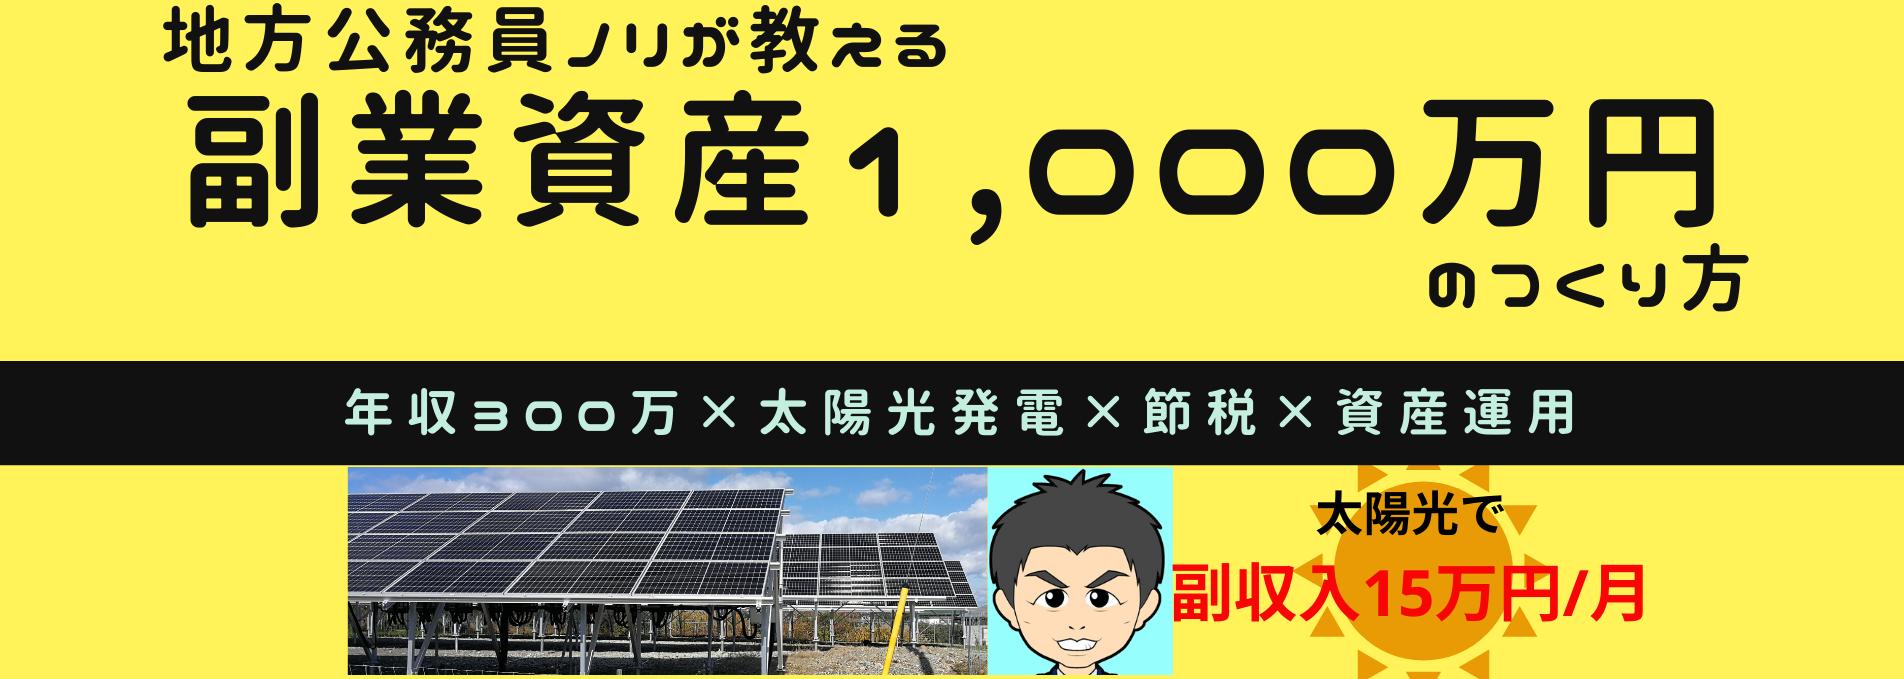 地方公務員ノリが教える副業資産1,000万円のつくり方